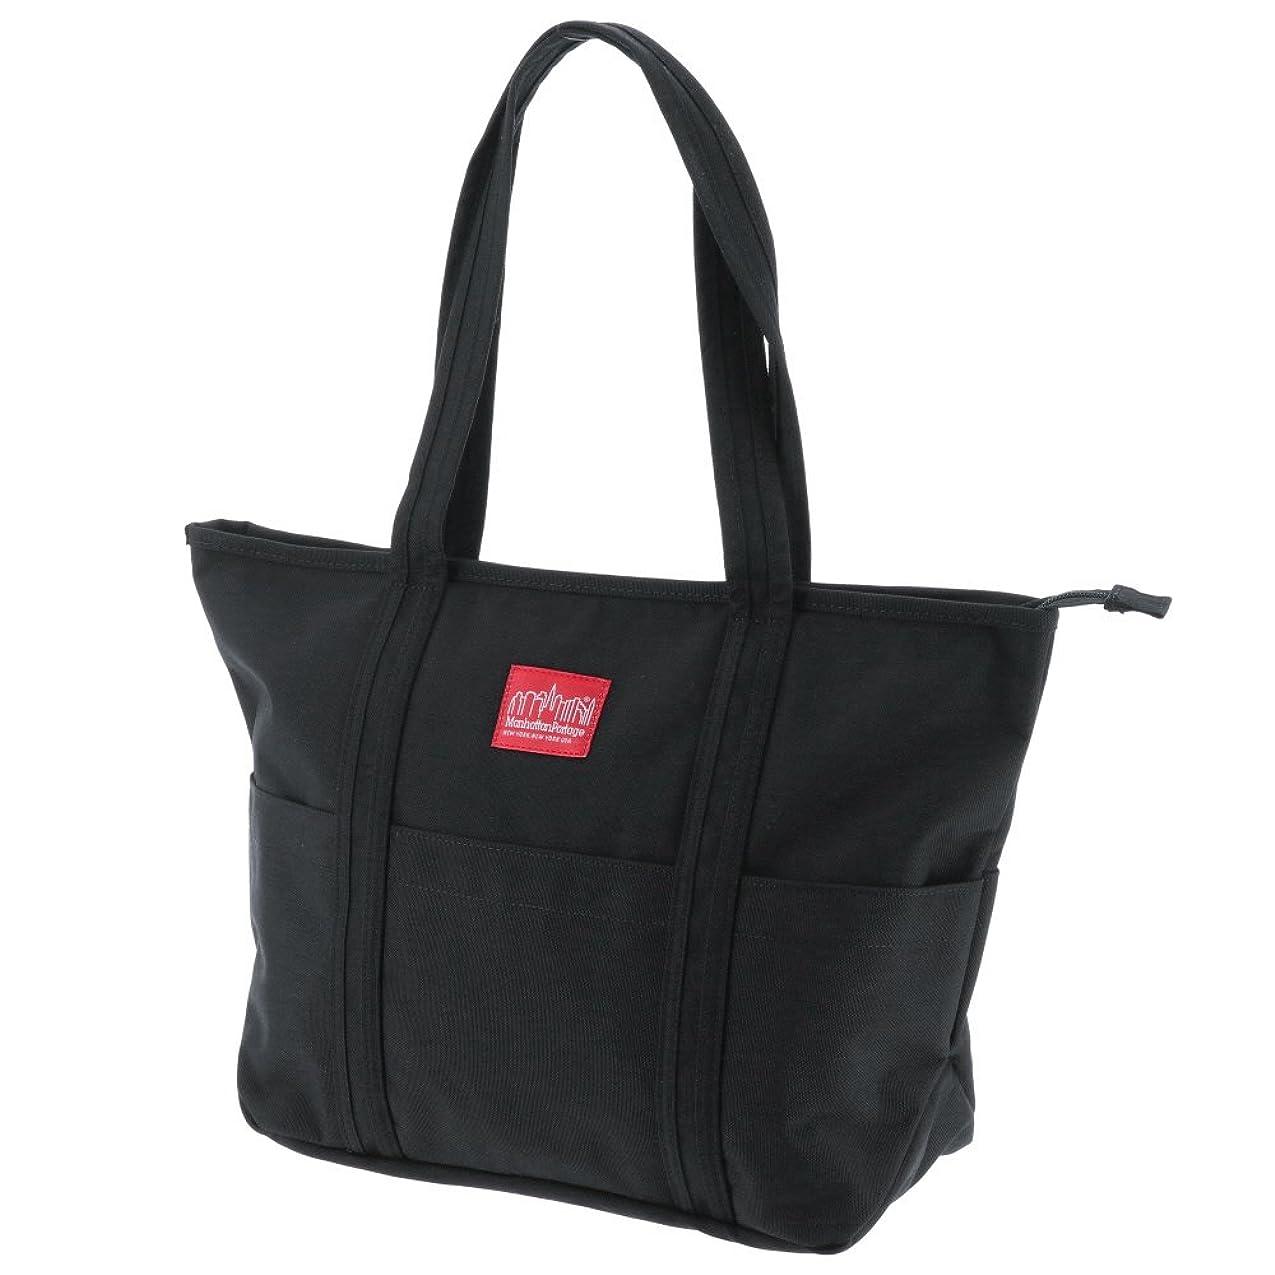 協力する薬剤師乗って(マンハッタンポーテージ)ManhattanPortage トートバッグ ジップトップ 肩掛け式 Tompkins Tote Bag Mサイズ MP1336Z mp1336z